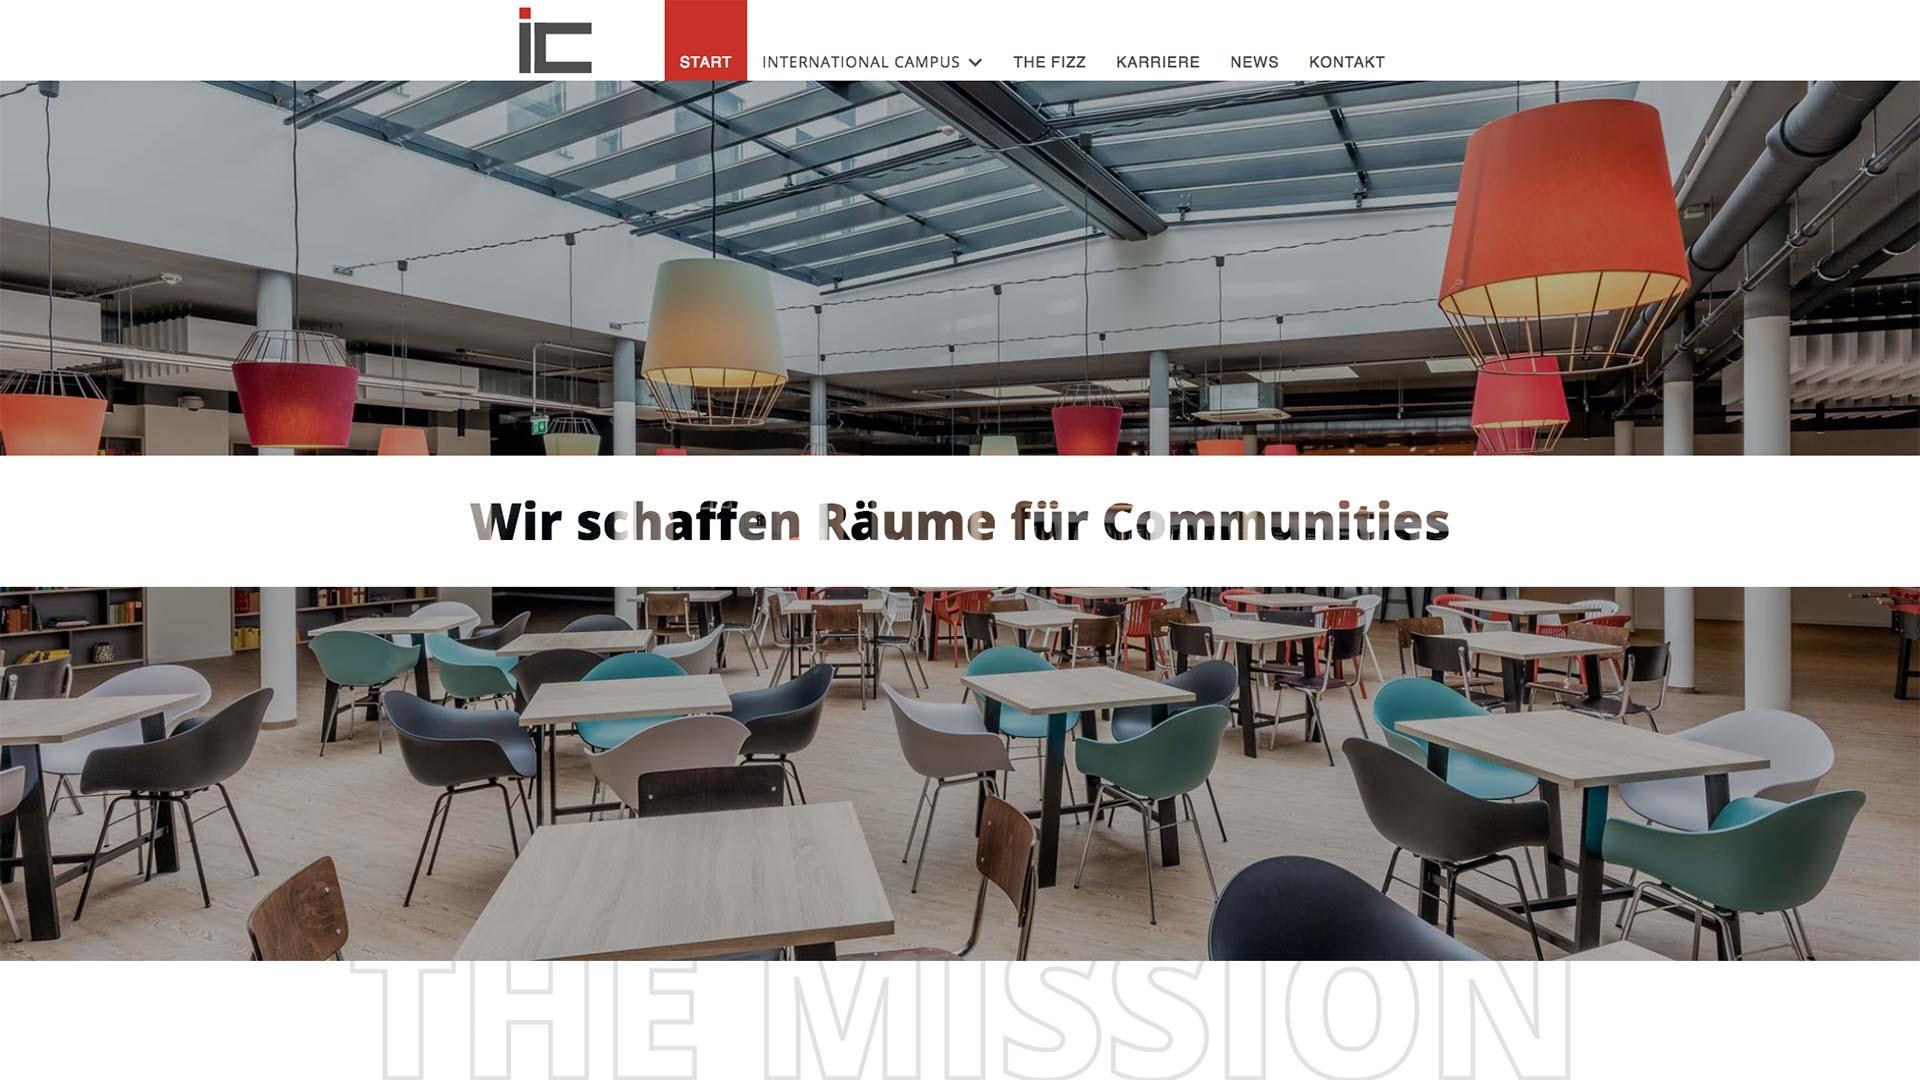 Eröffnungsbereich der Startseite von International Campus